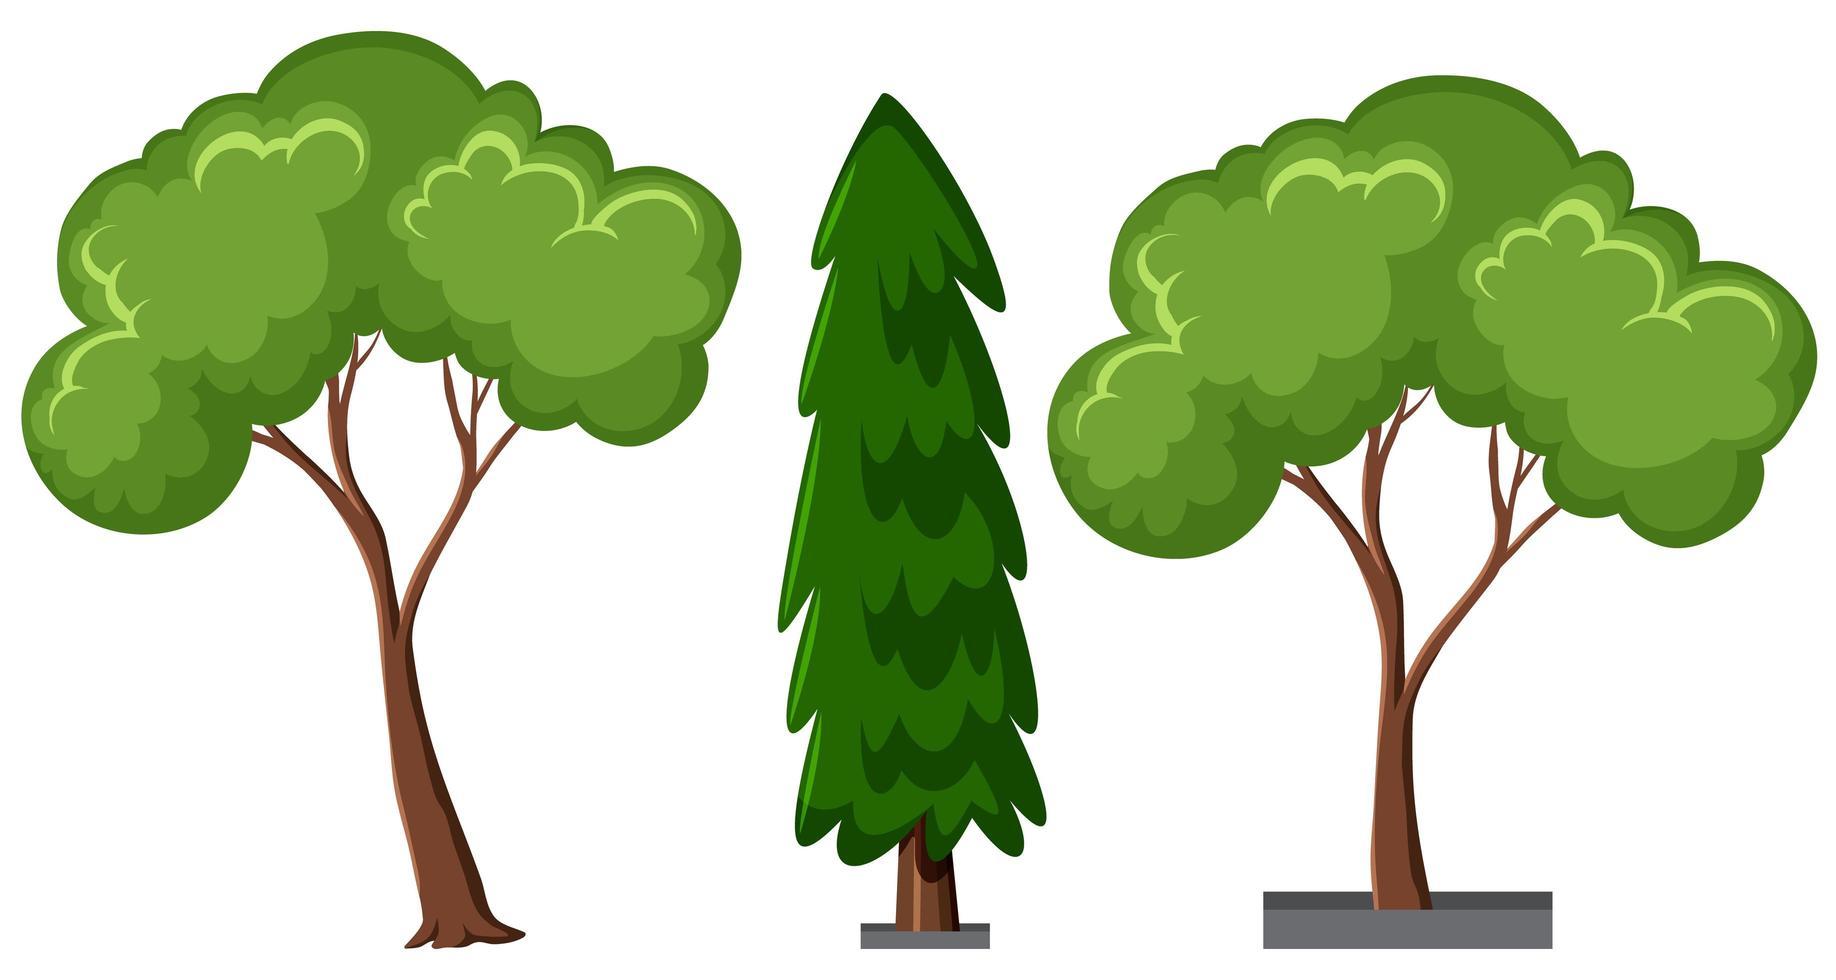 Satz von verschiedenen Bäumen lokalisiert auf weißem Hintergrund vektor